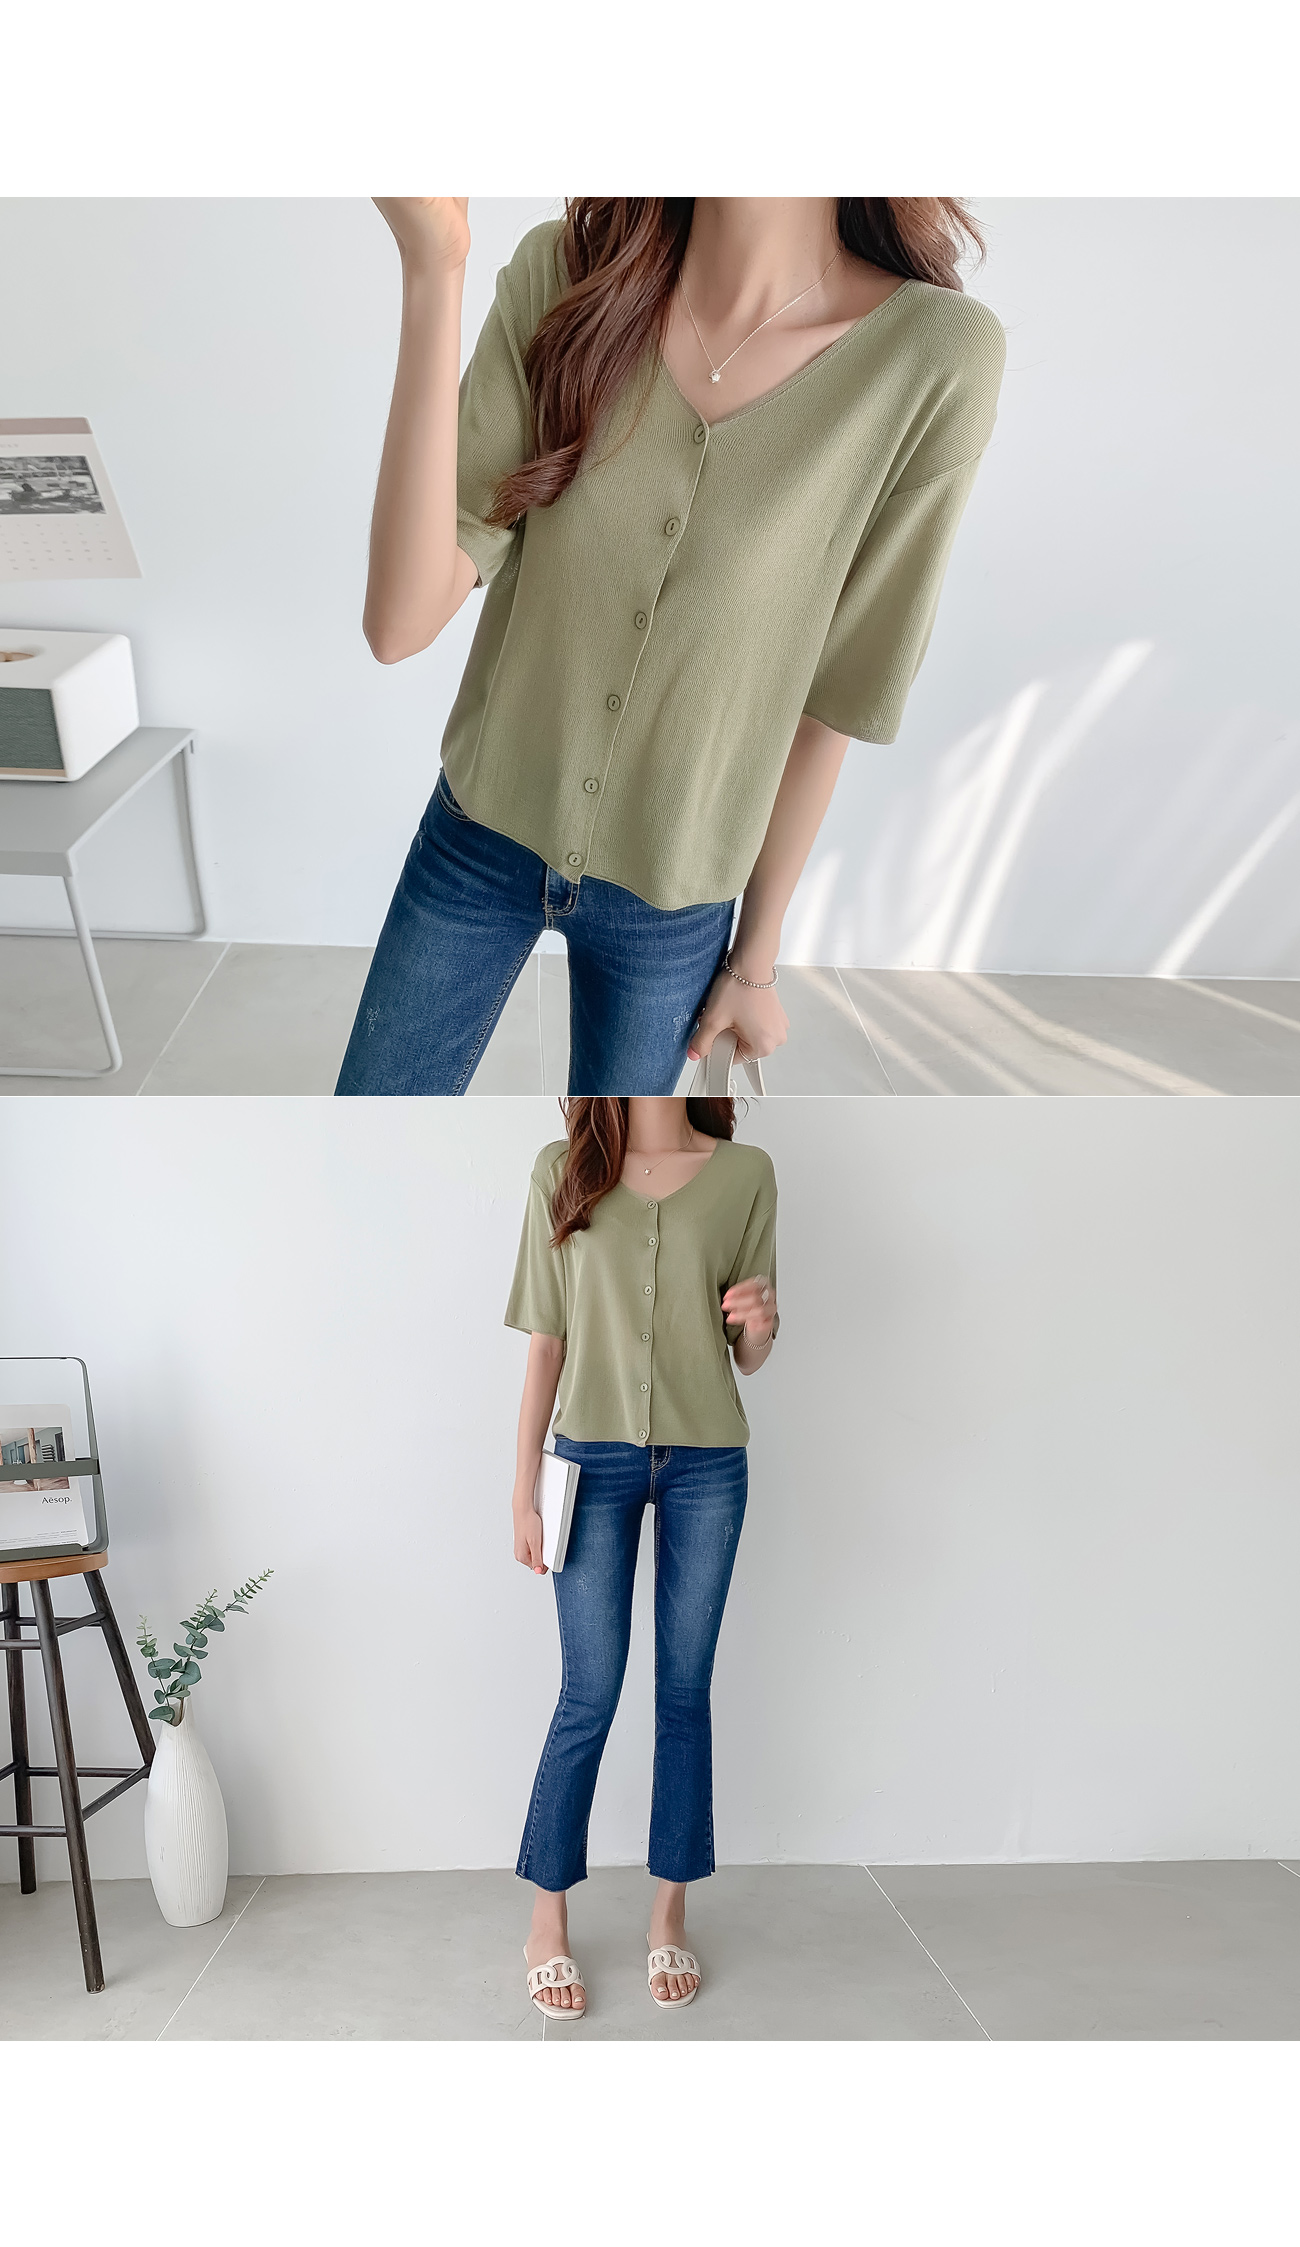 Summer short sleeve cardigan #21000